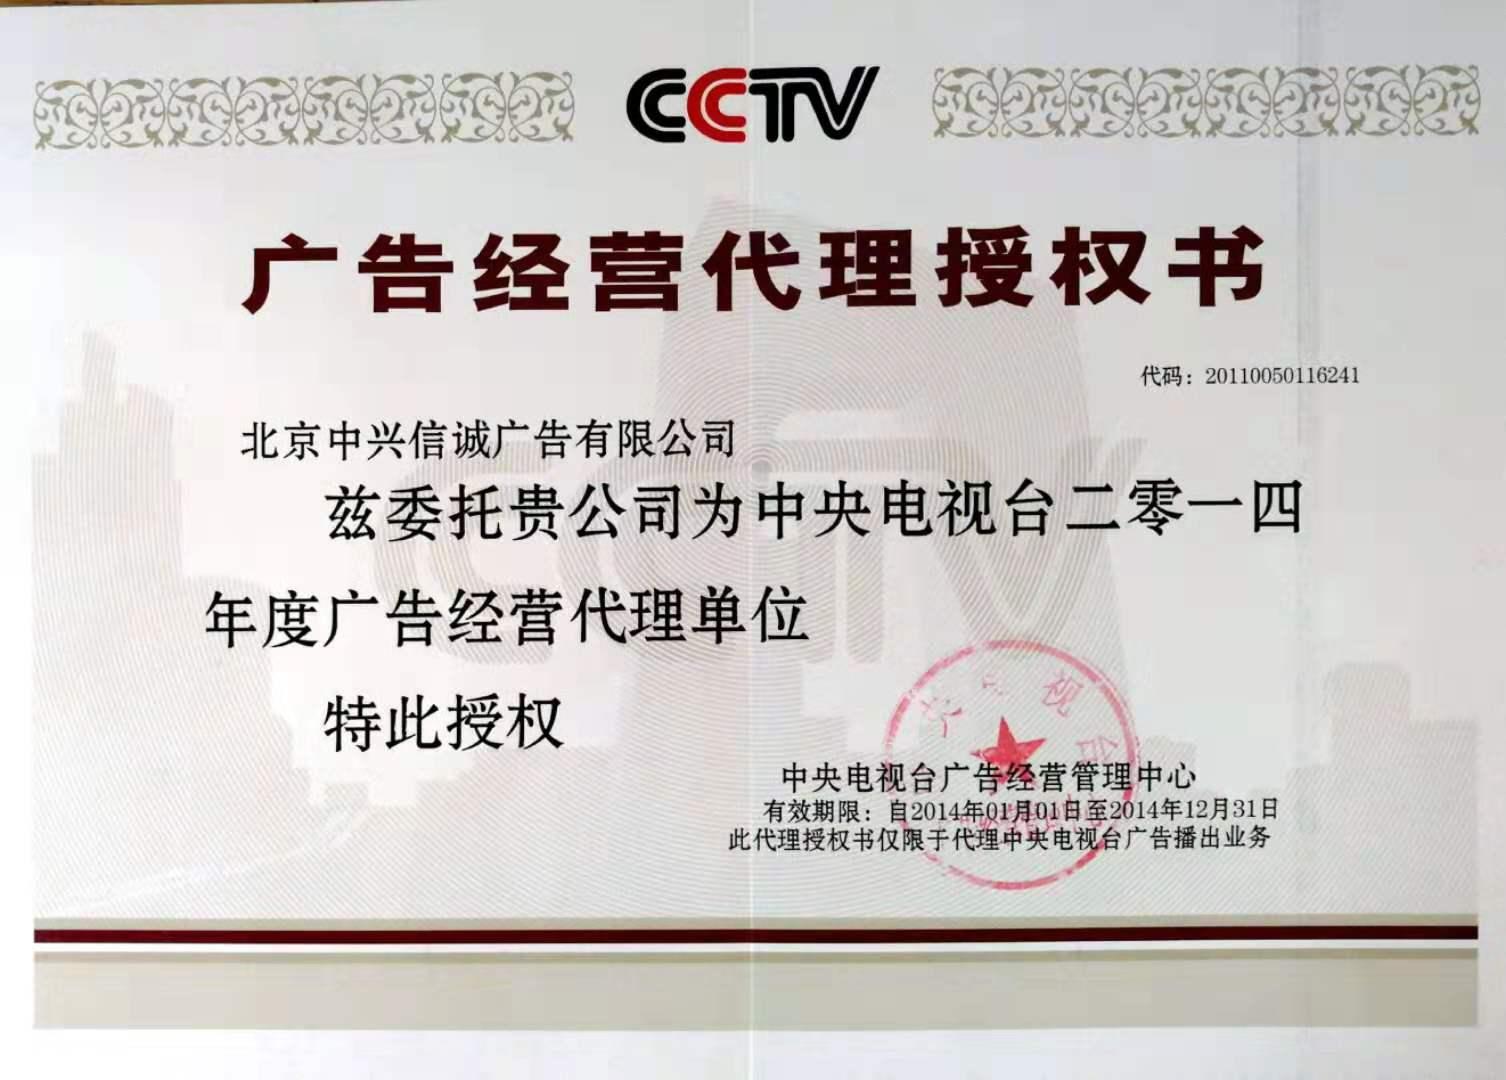 2014年央视代理证